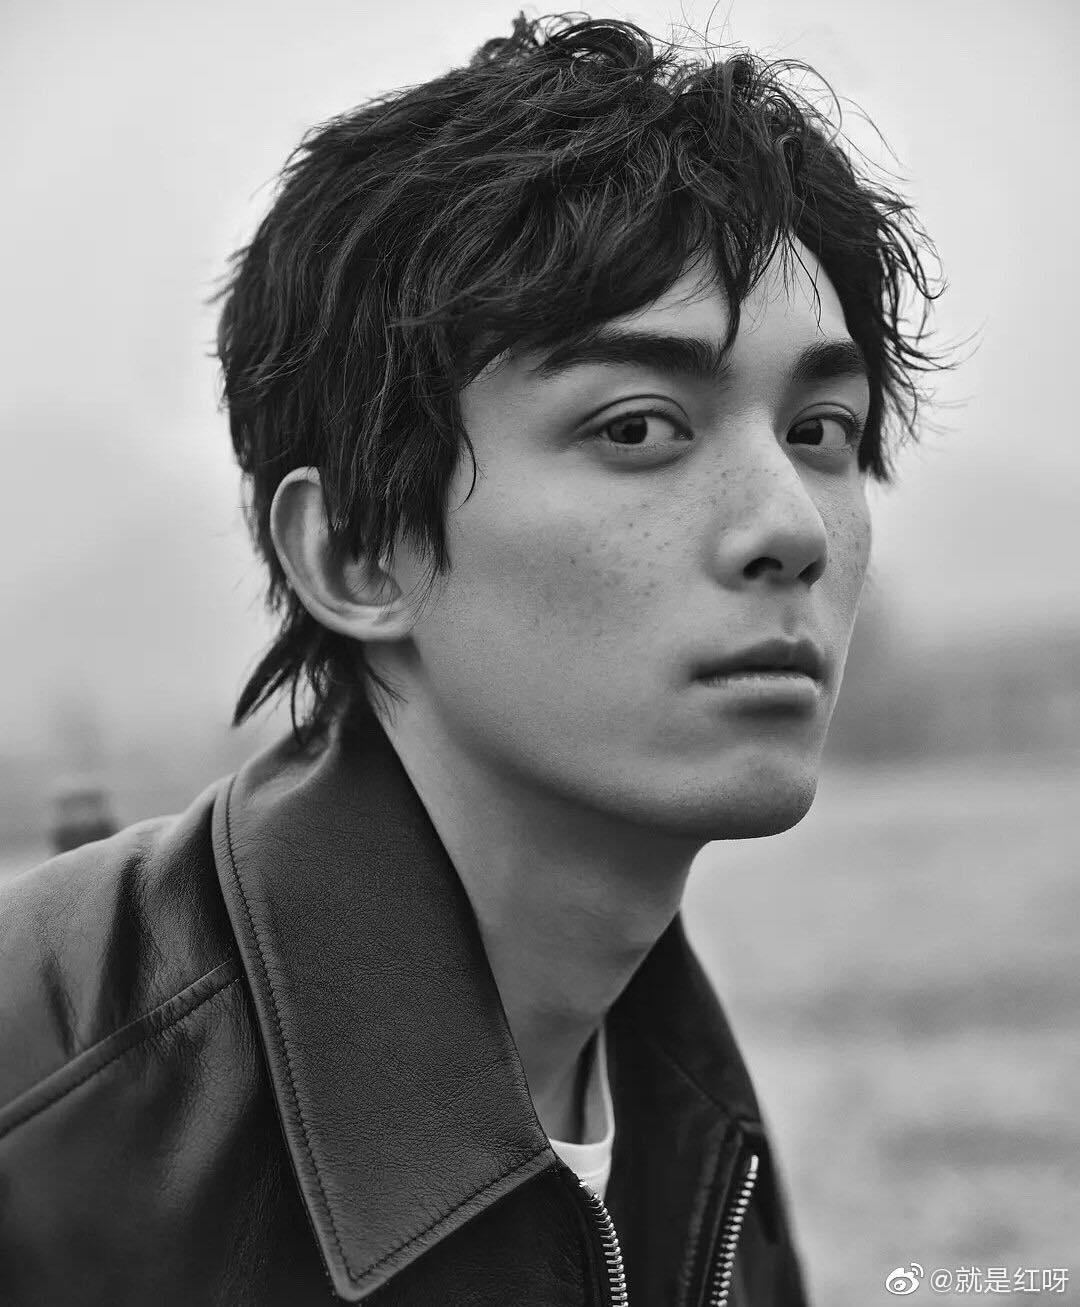 10 mỹ nam Cbiz điểm tàn nhang lên mặt: Nhất Bác quý tộc, Lu Han đẹp phi giới tính nhưng Hứa Khải thì 'xấu đau xấu đớn' 1